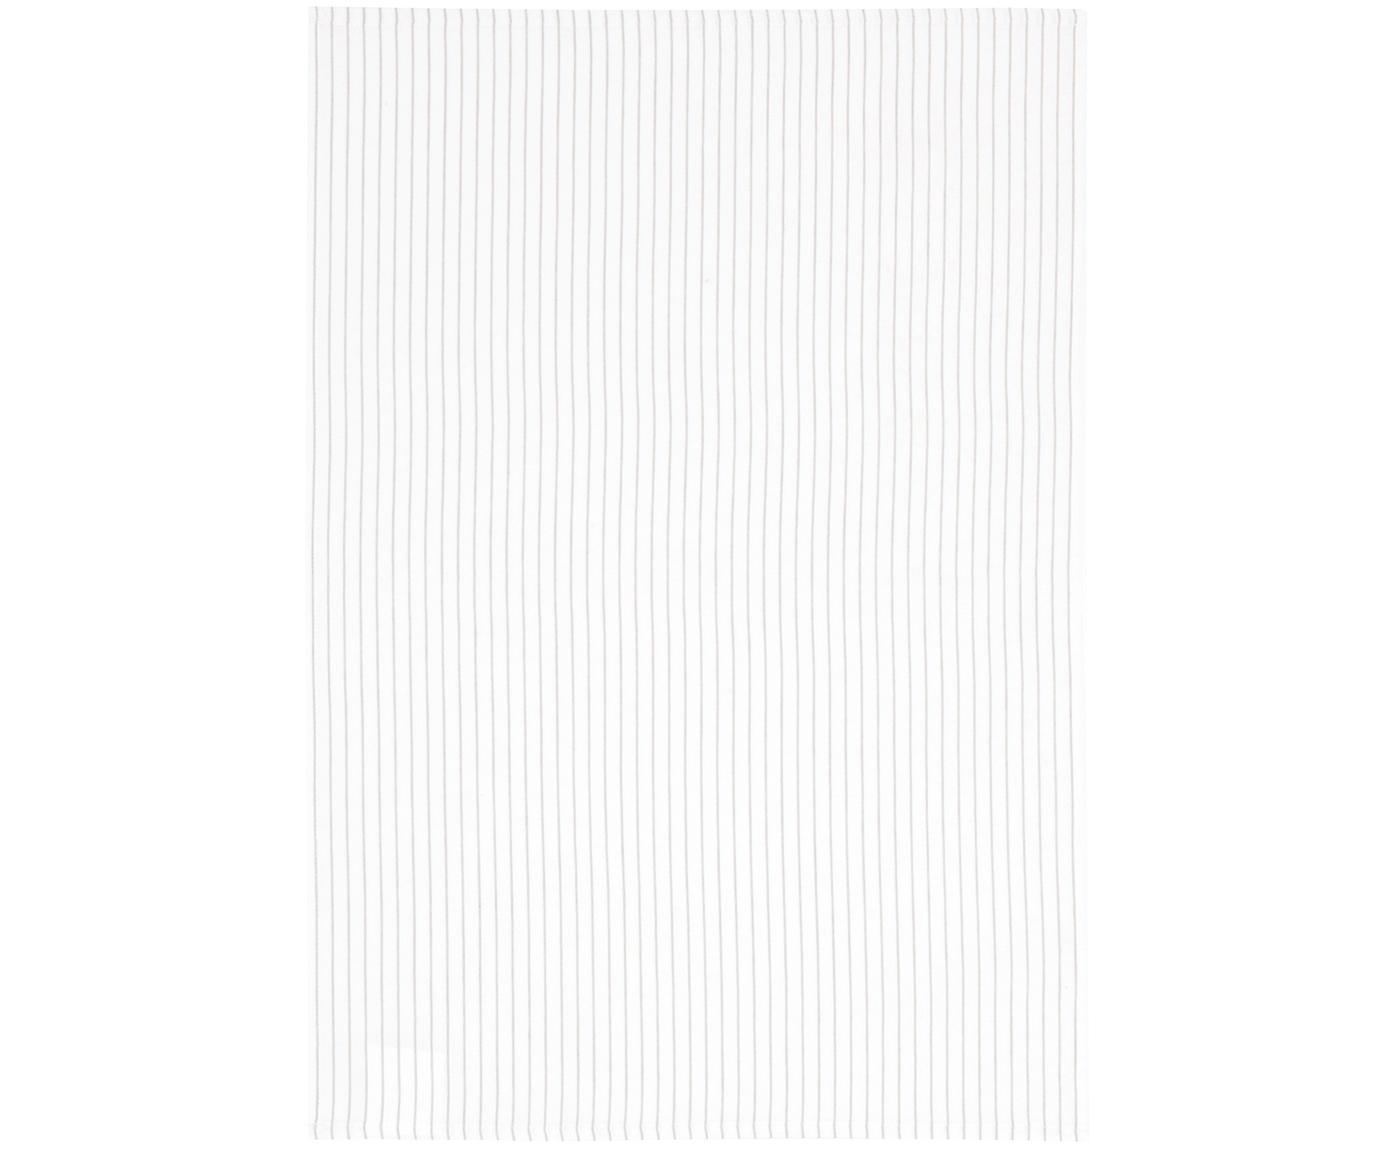 Geschirrtücher Nicole, 2 Stück, Baumwolle, Weiß, Beige, 50 x 70 cm